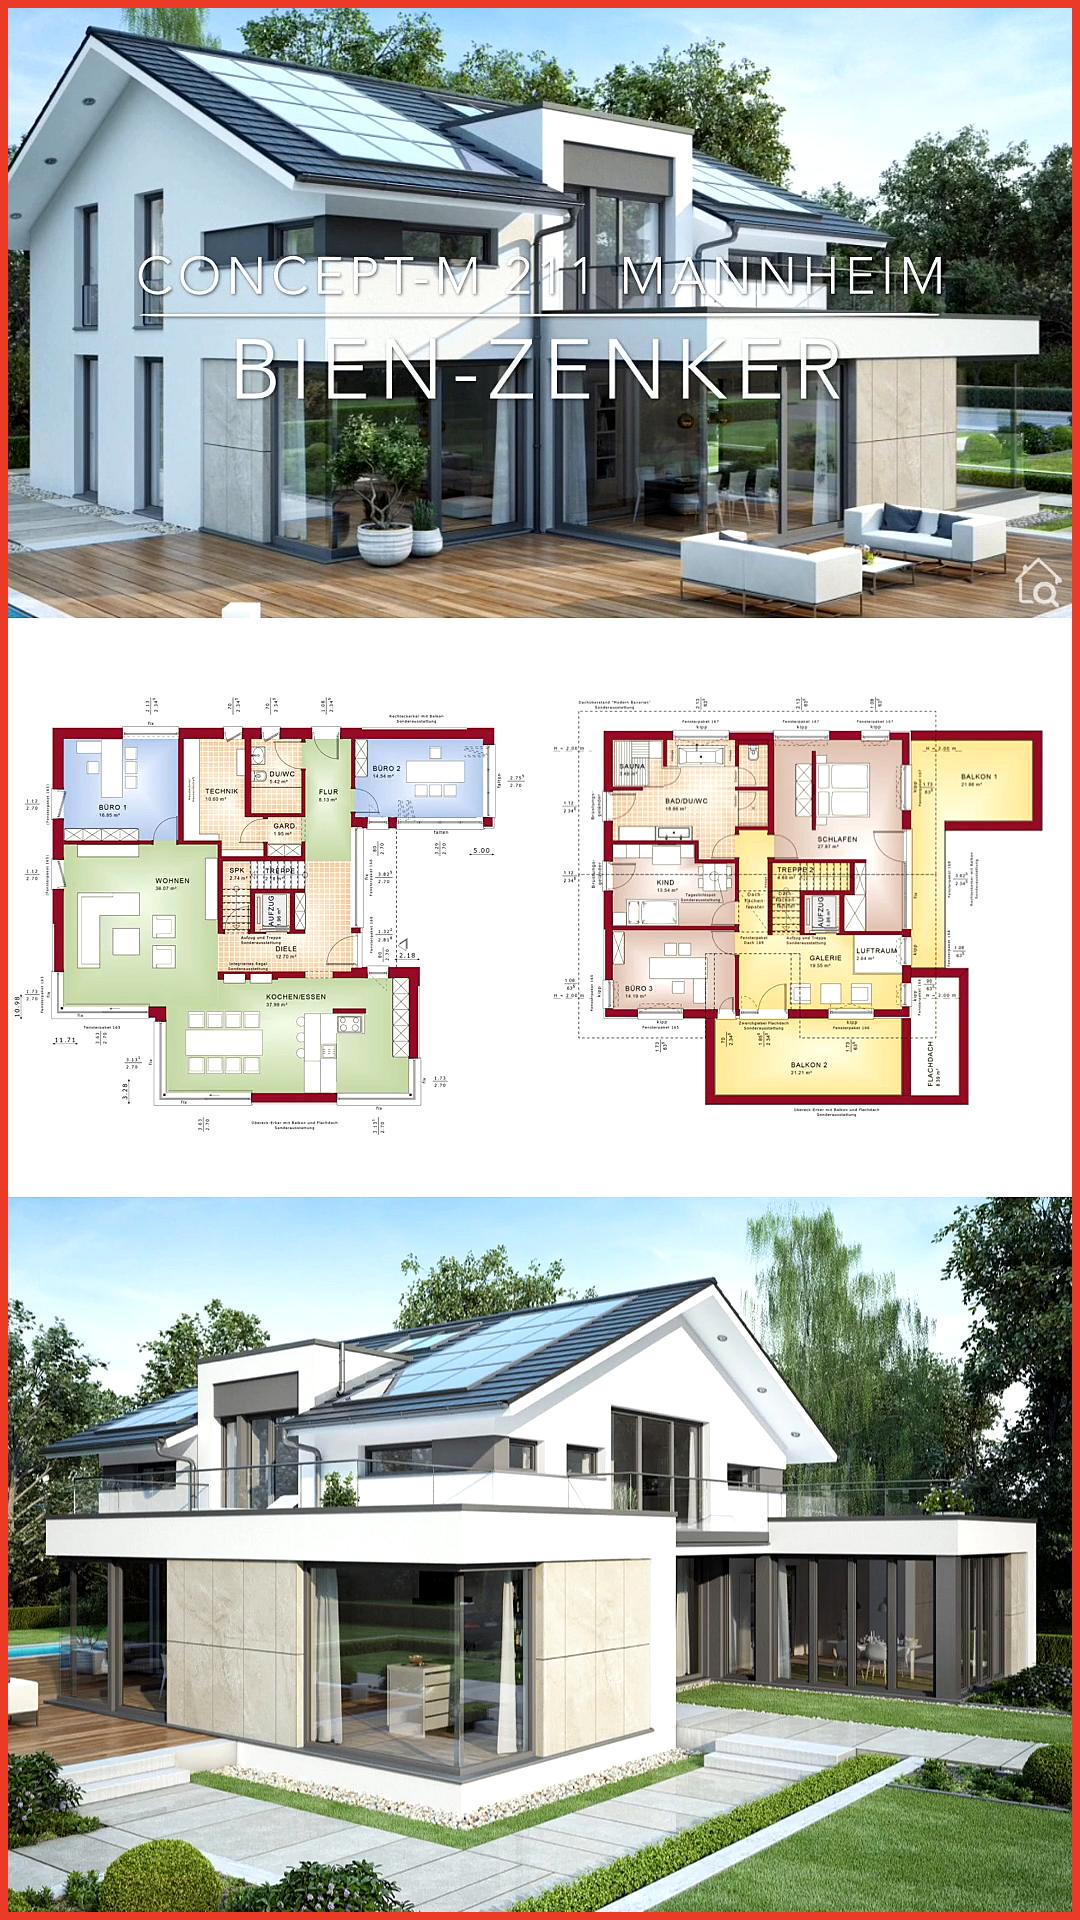 32+ European modern house plans ideas